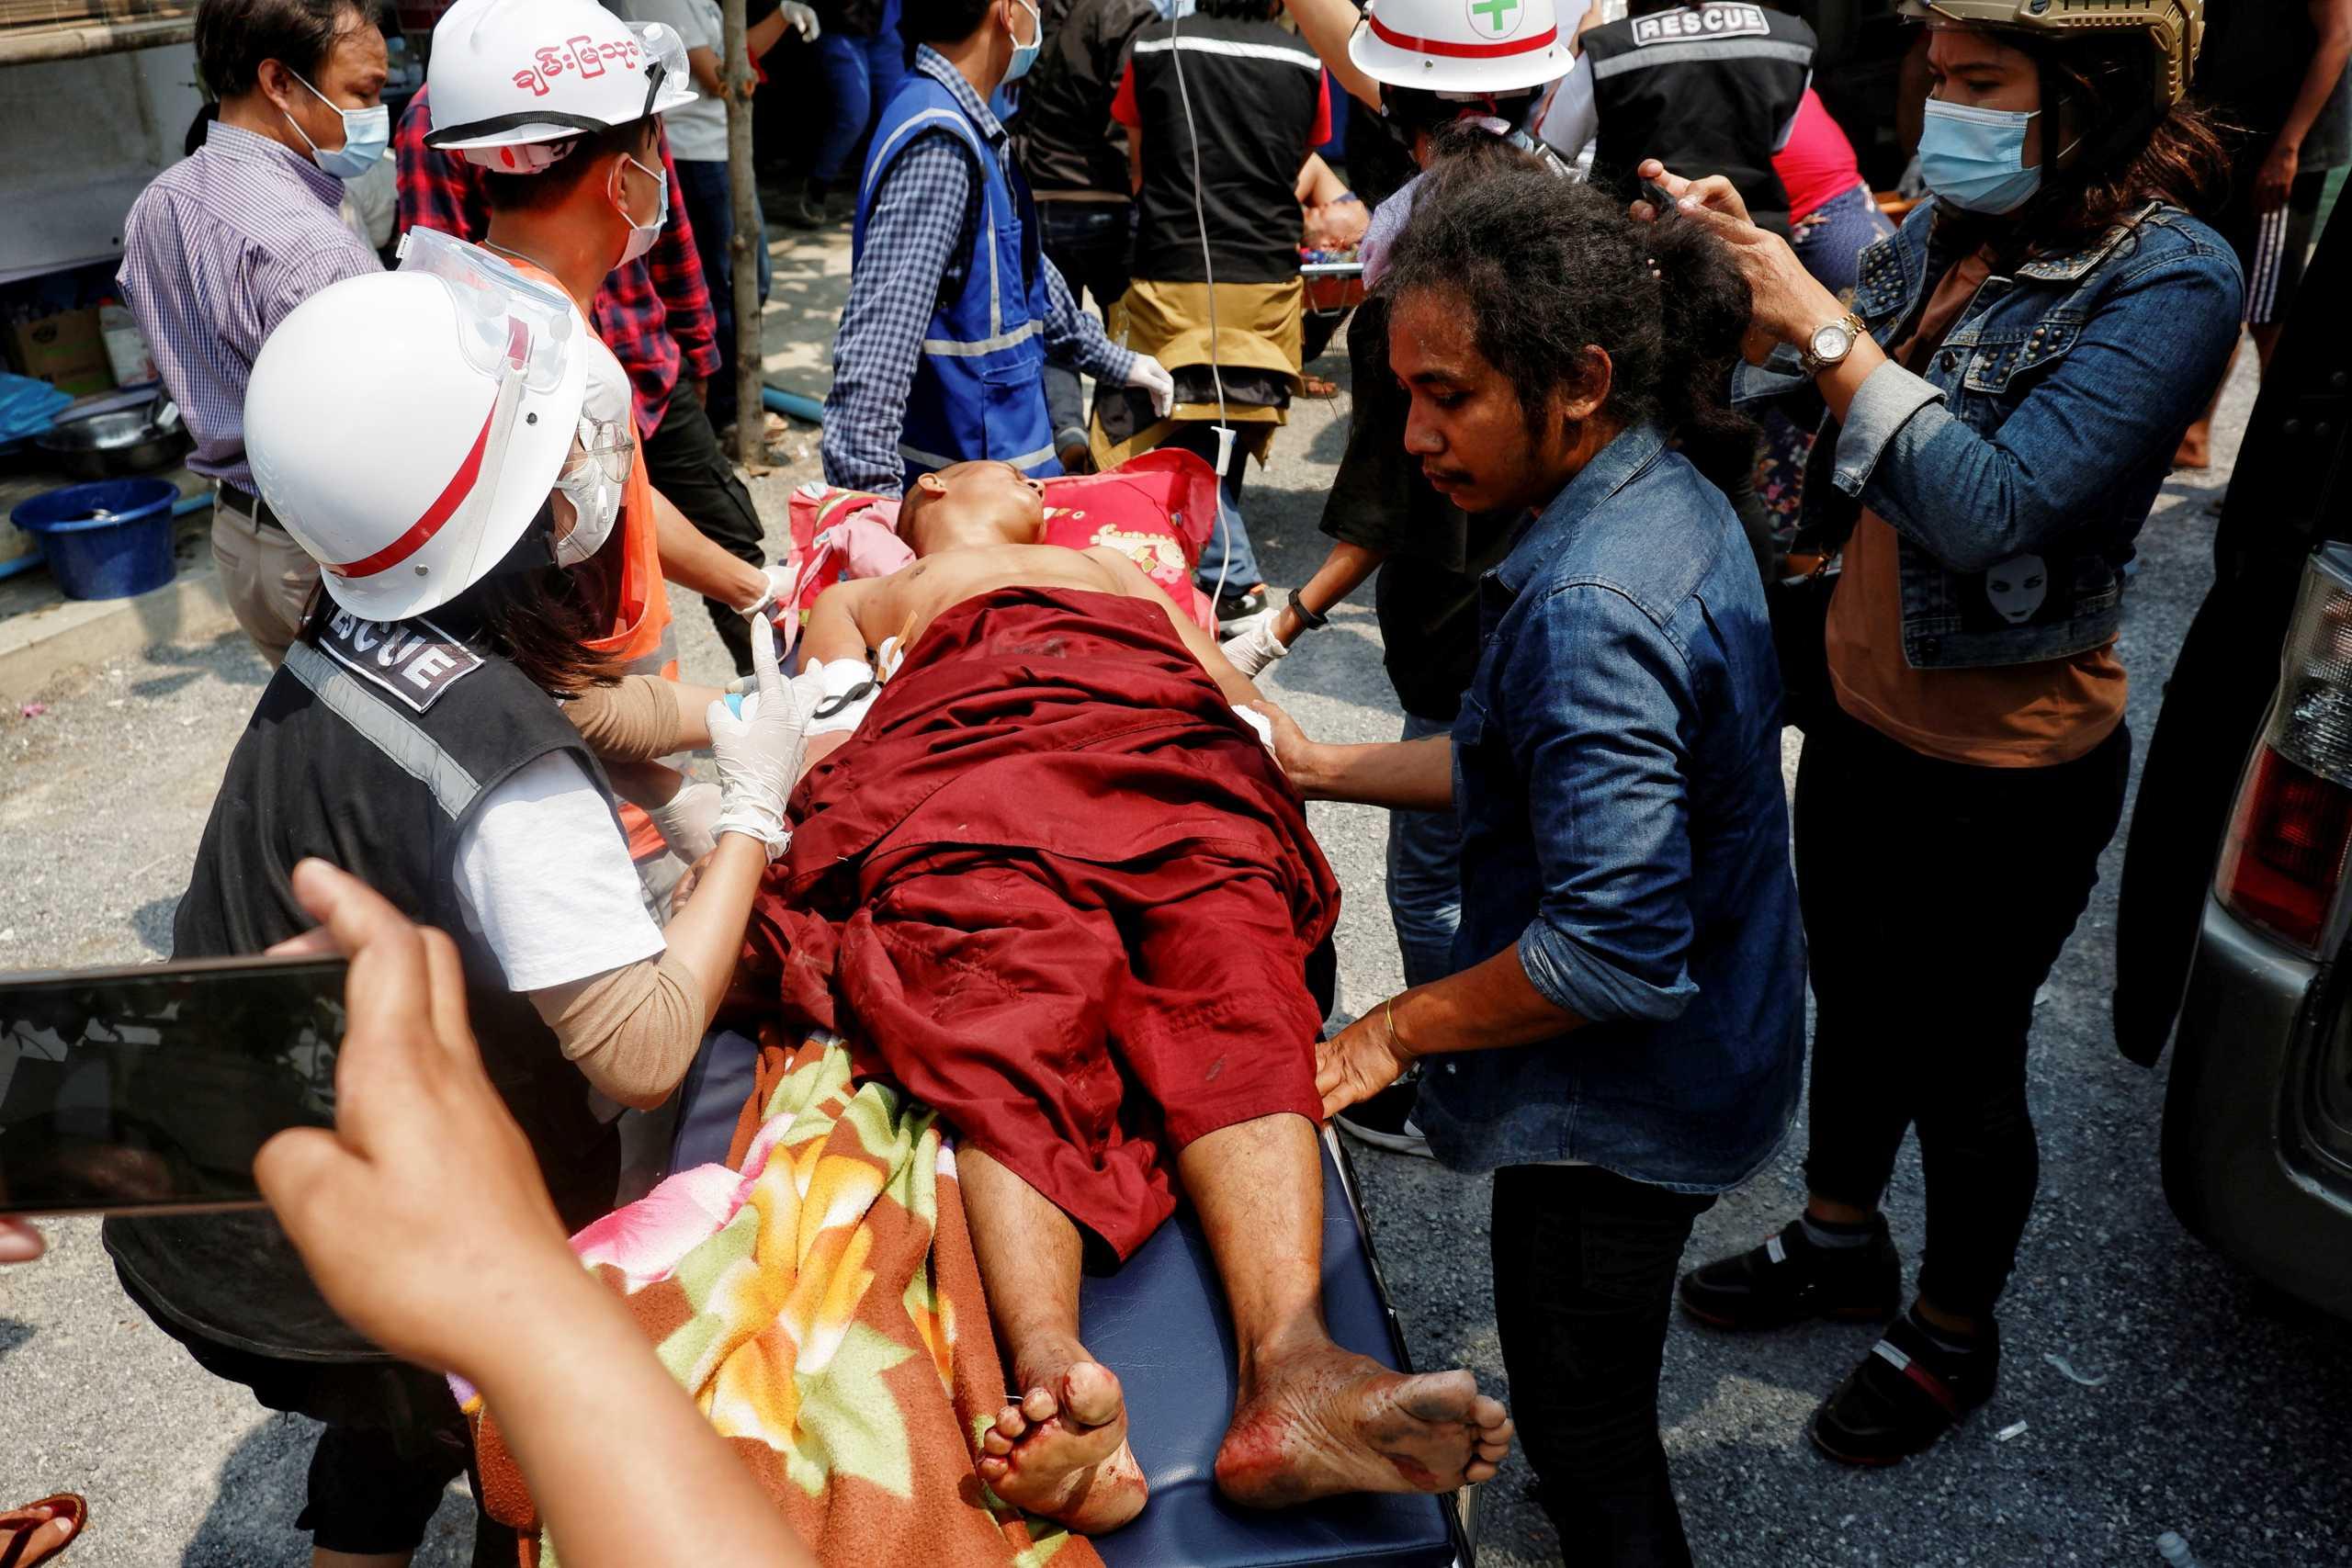 Μιανμάρ: Λουτρό αίματος στις διαδηλώσεις – 543 πολίτες έχουν σκοτωθεί ανάμεσά τους 44 ανήλικοι